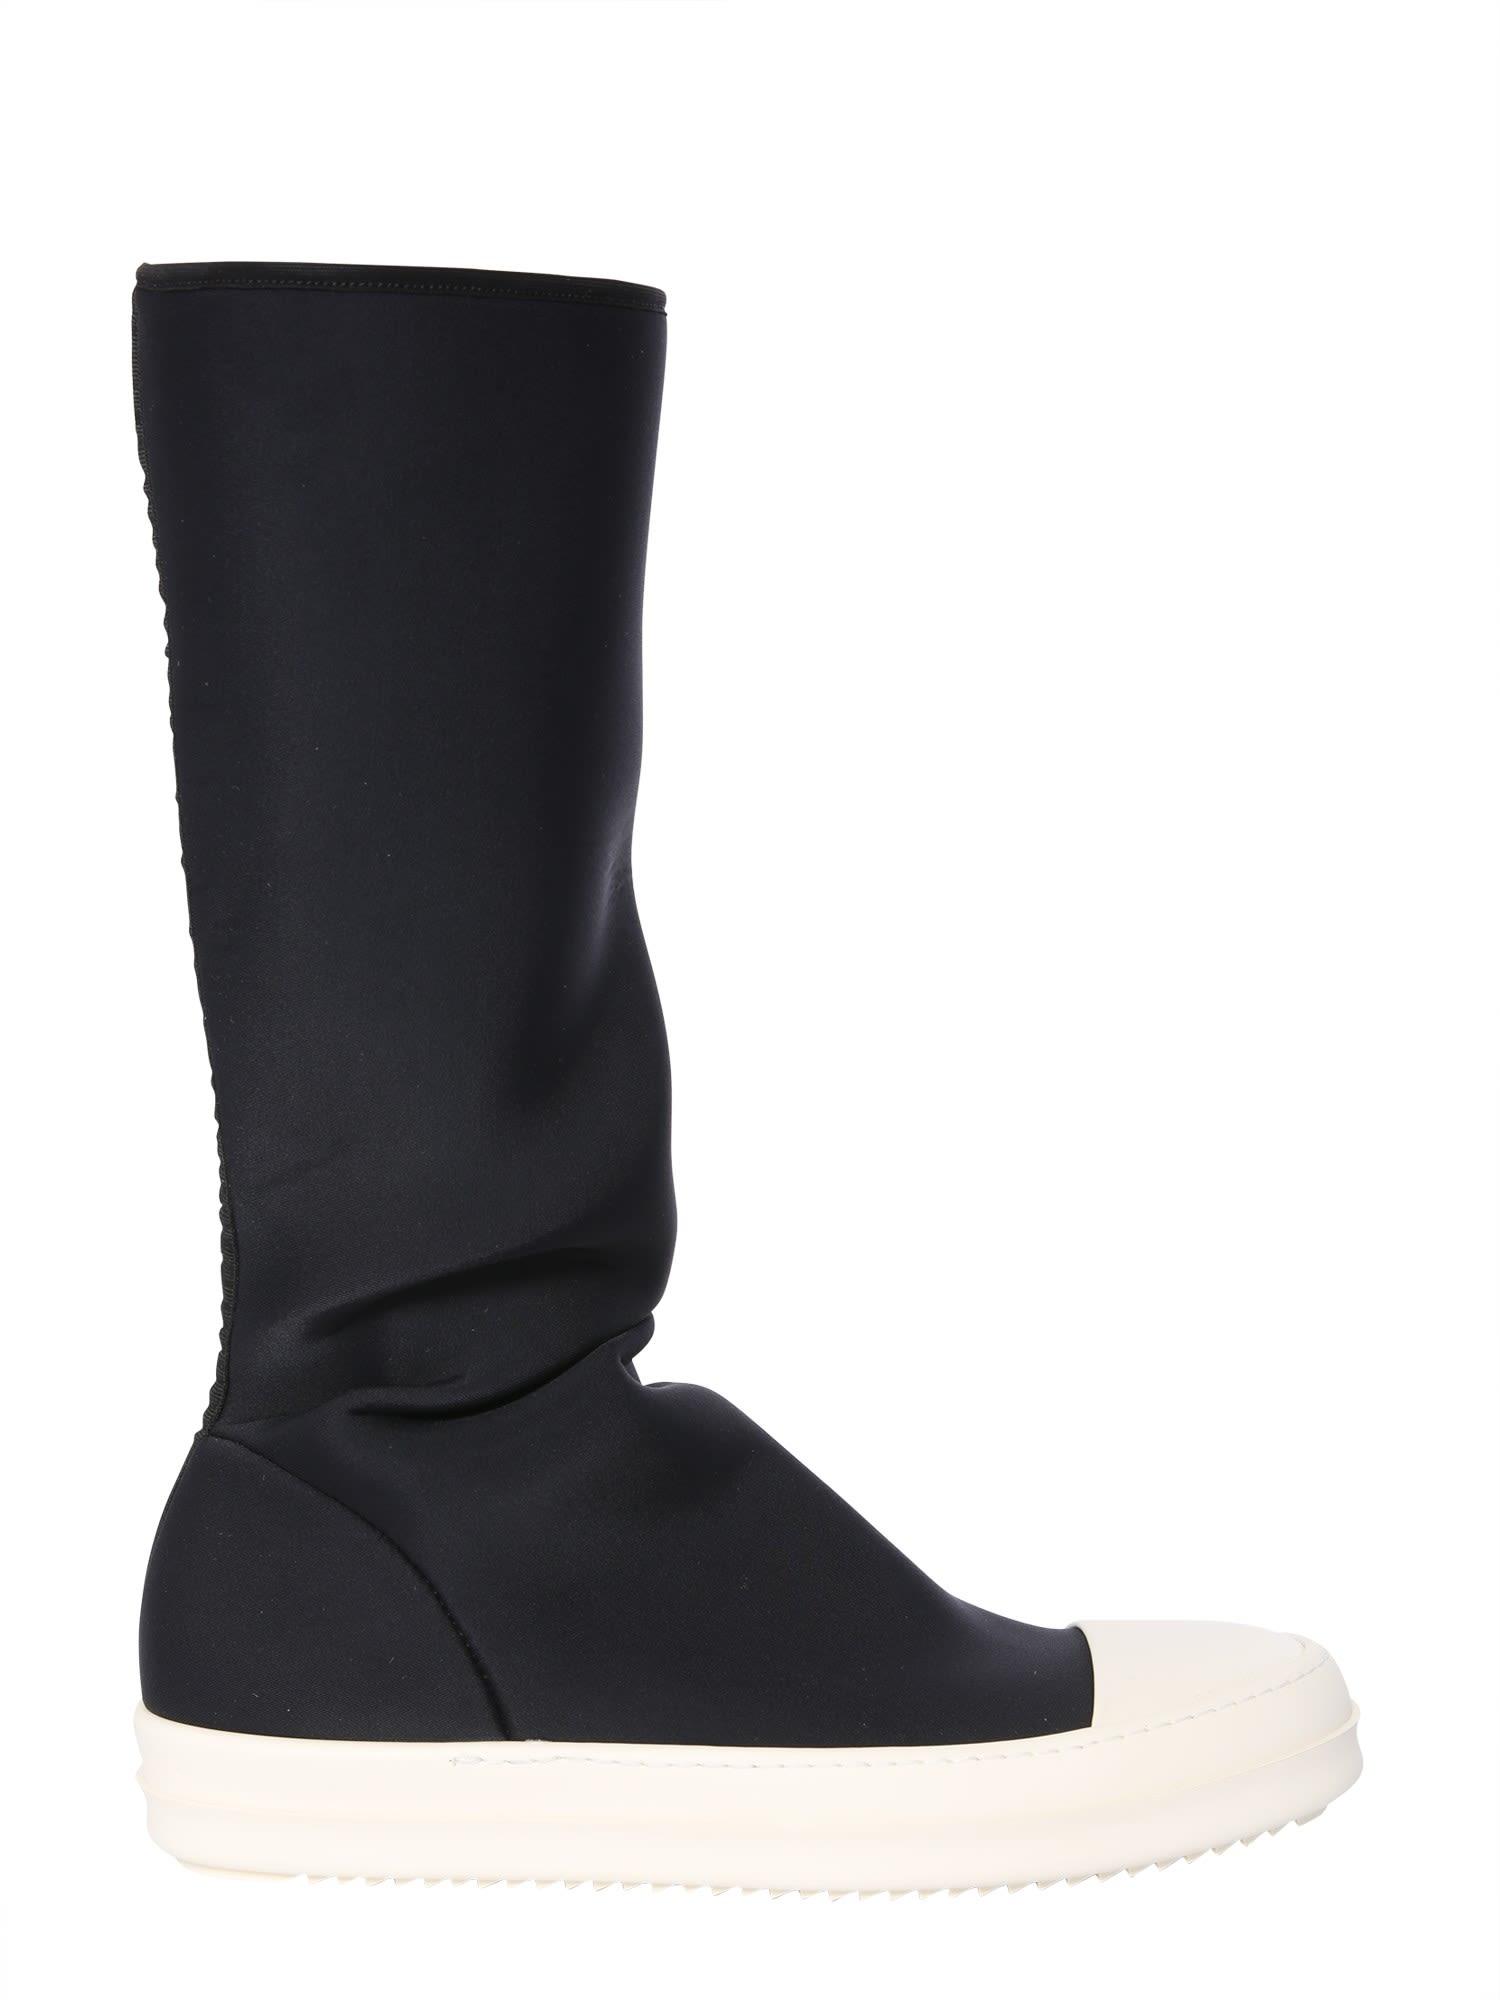 DRKSHDW Neoprene Socks Boots in Nero